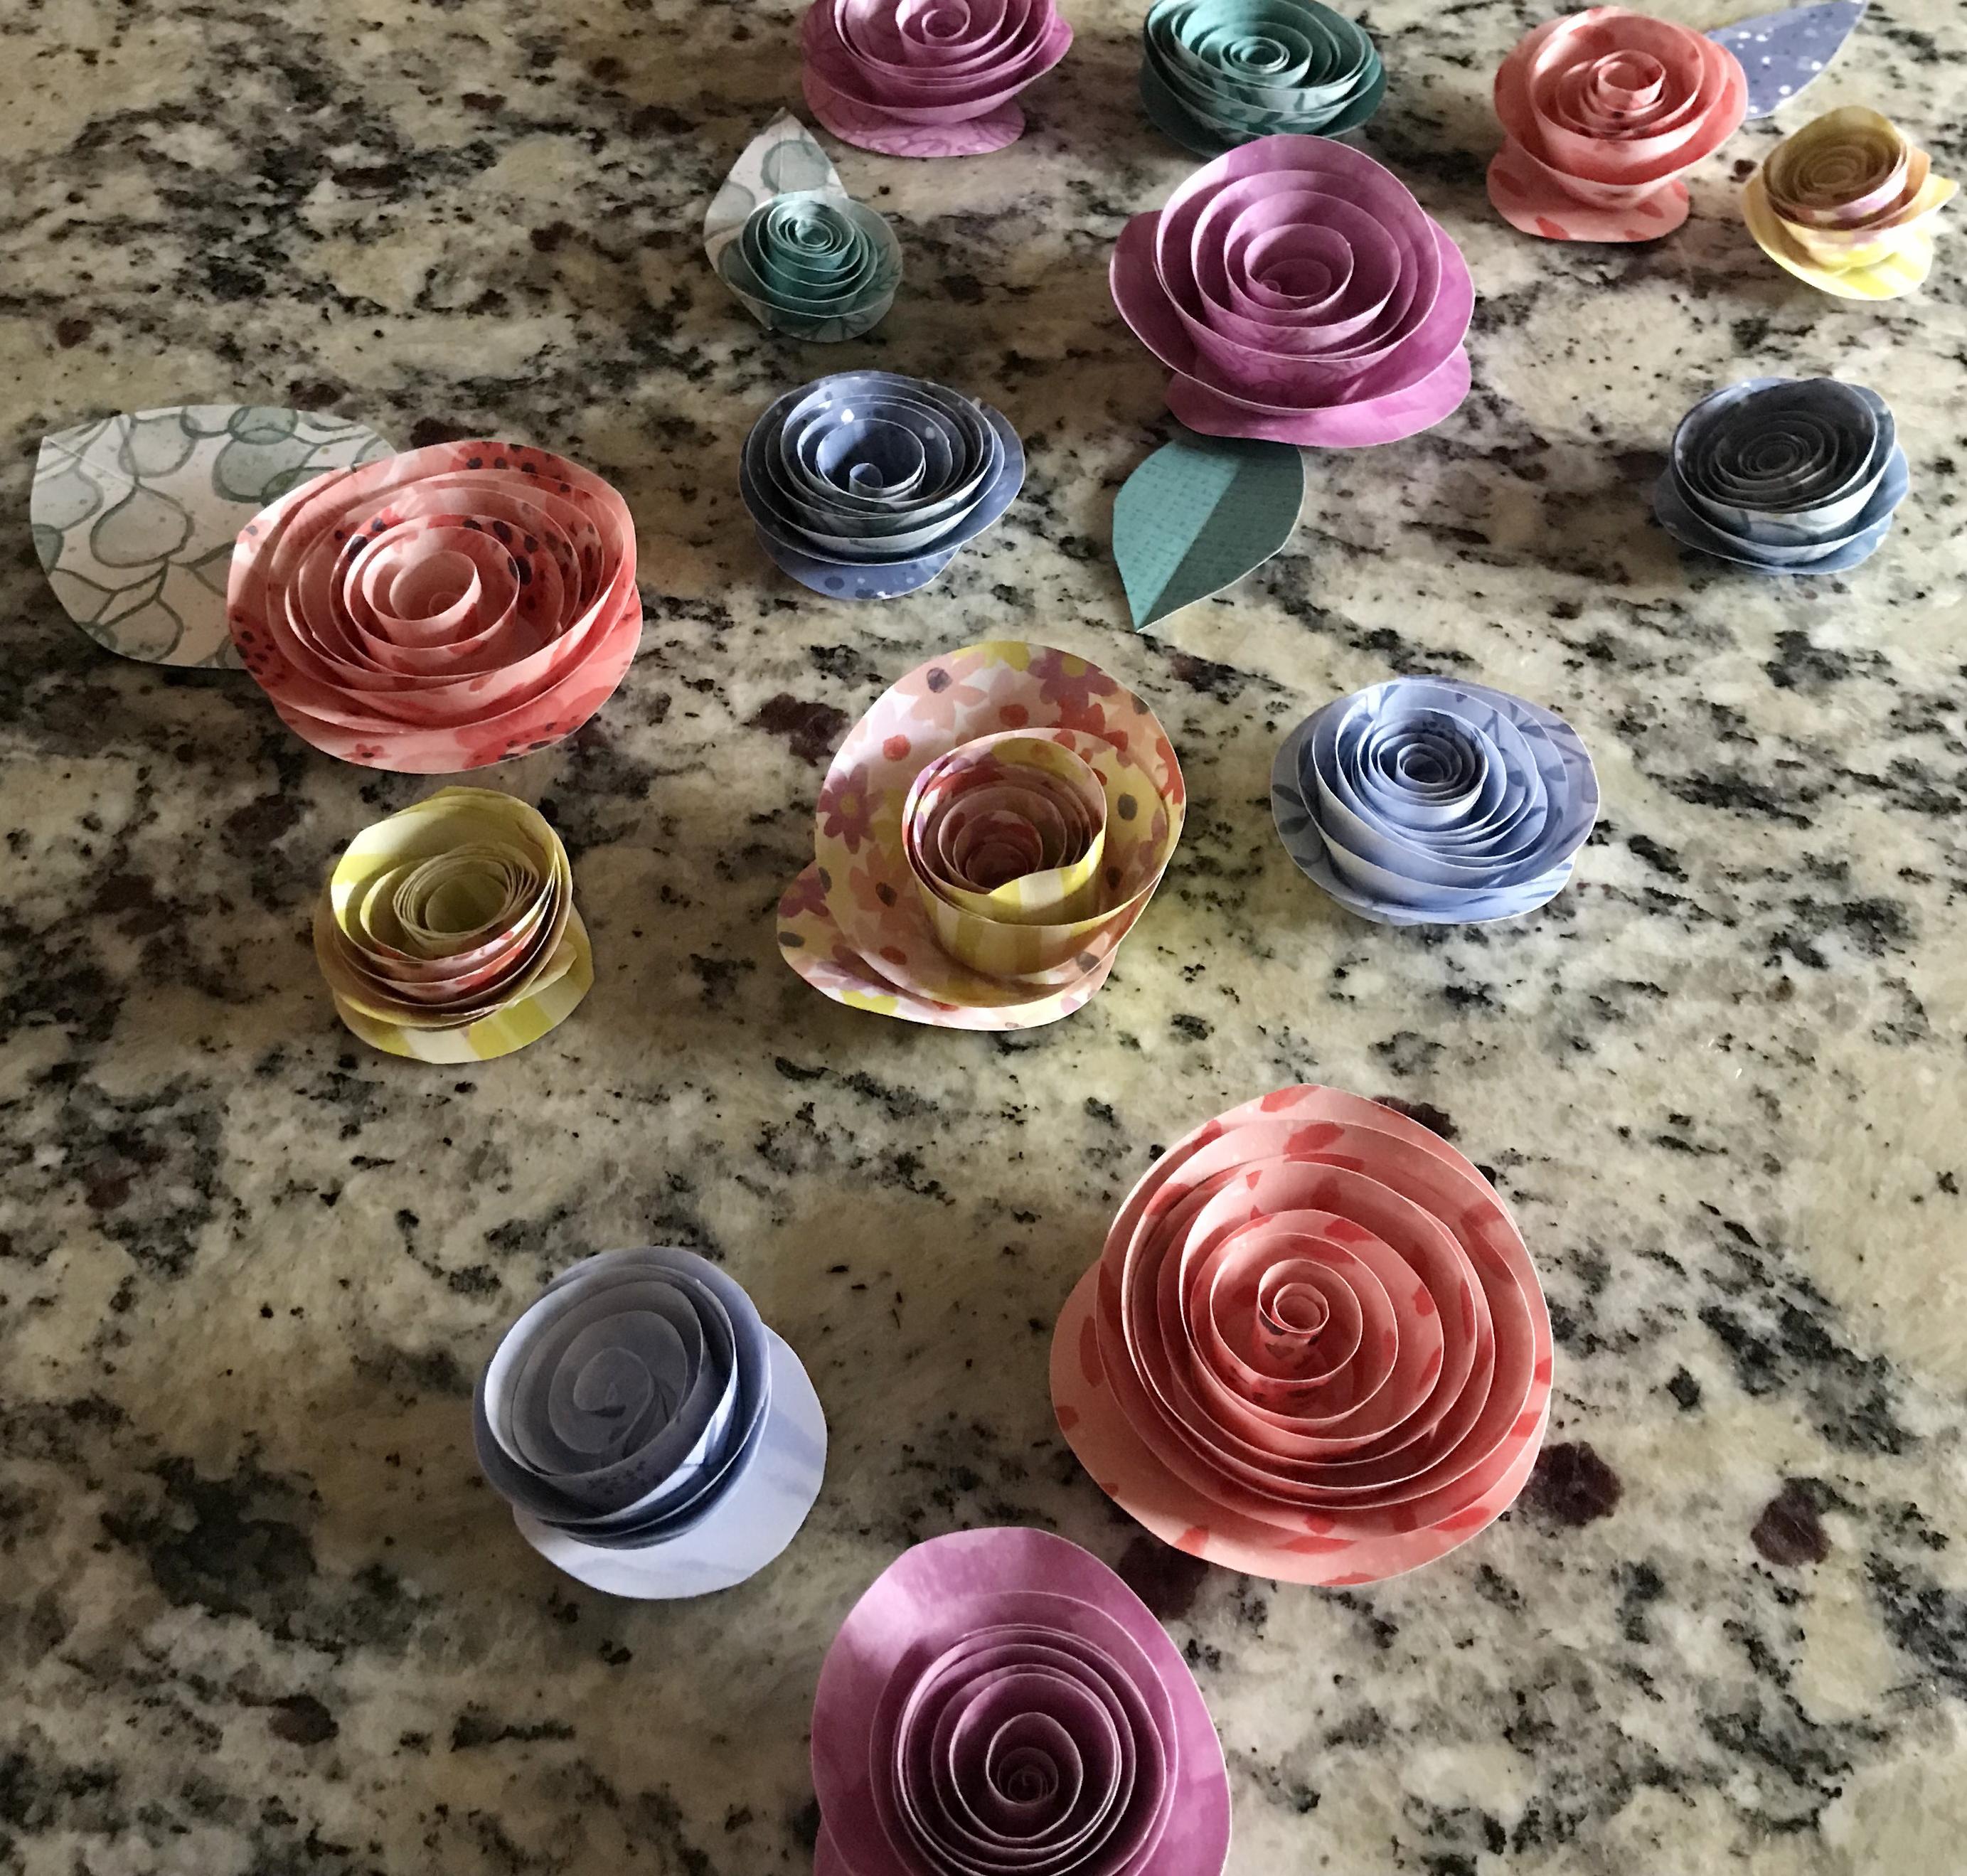 Diy Paper Flowers Full Bloom Creative Memories12 Creative Memories